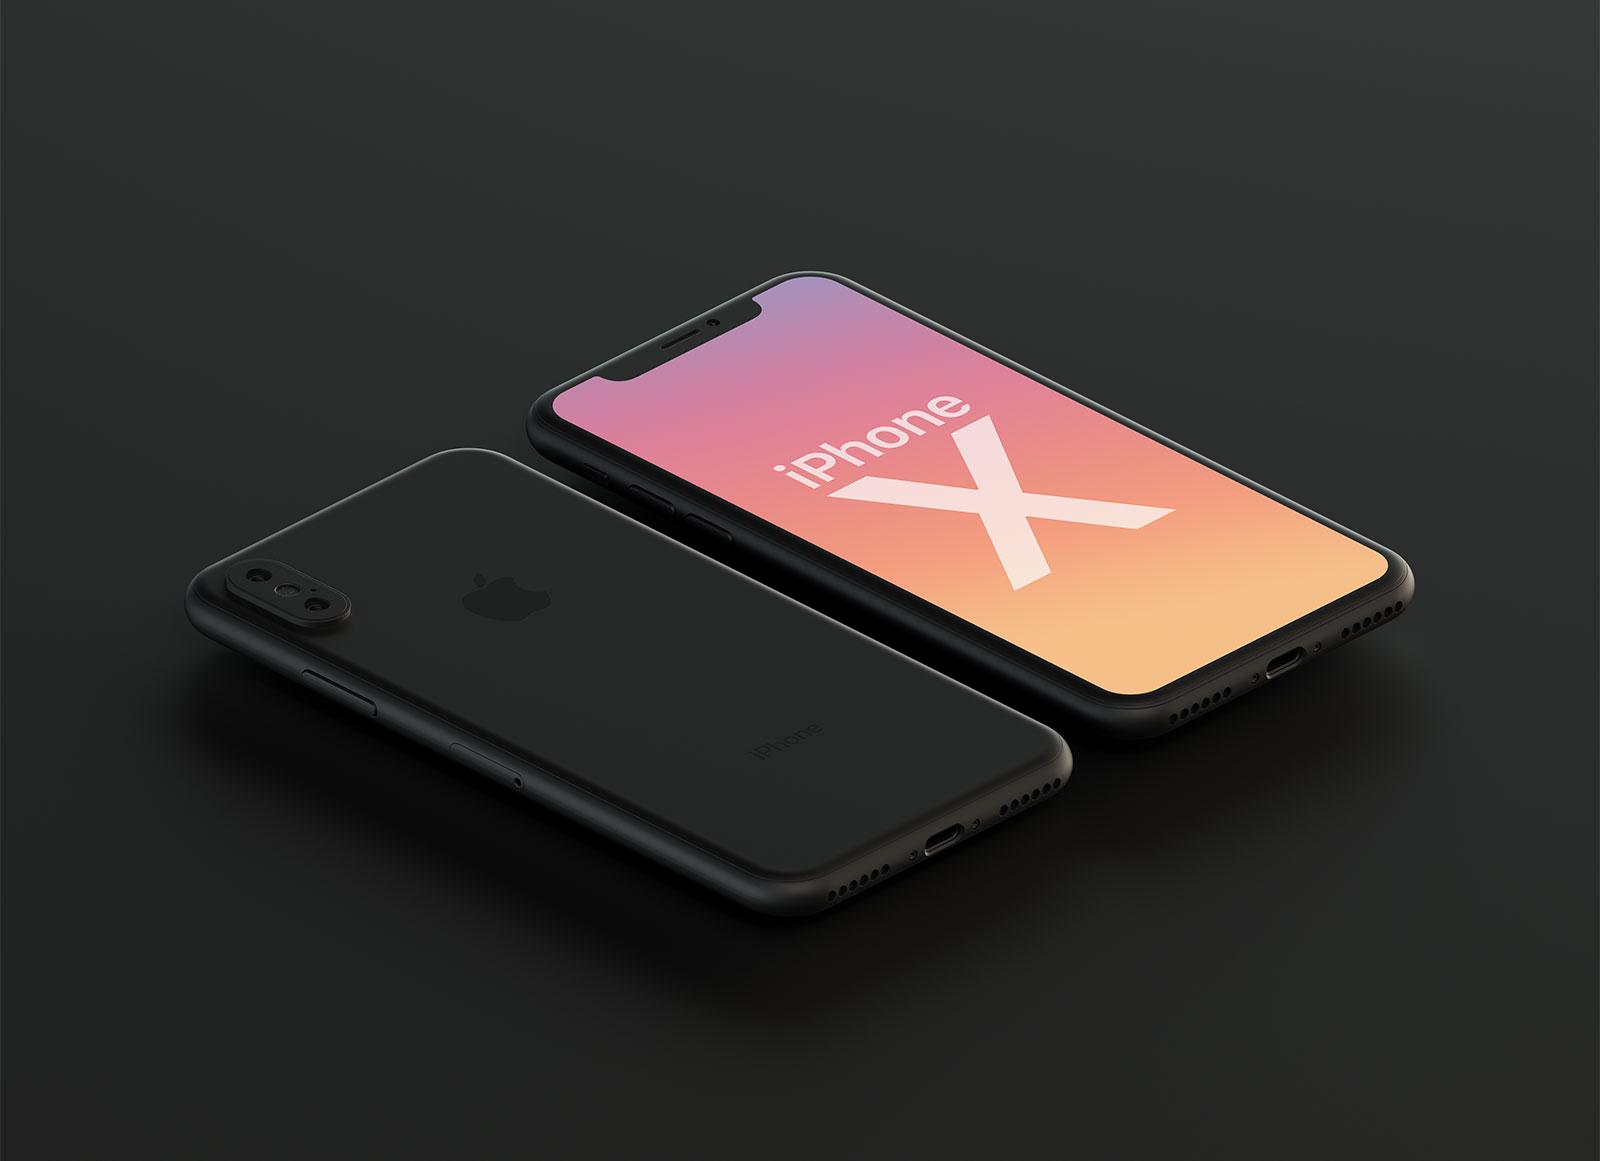 Free-Matt-Finish-Apple-iPhone-X-Mockup-PSD